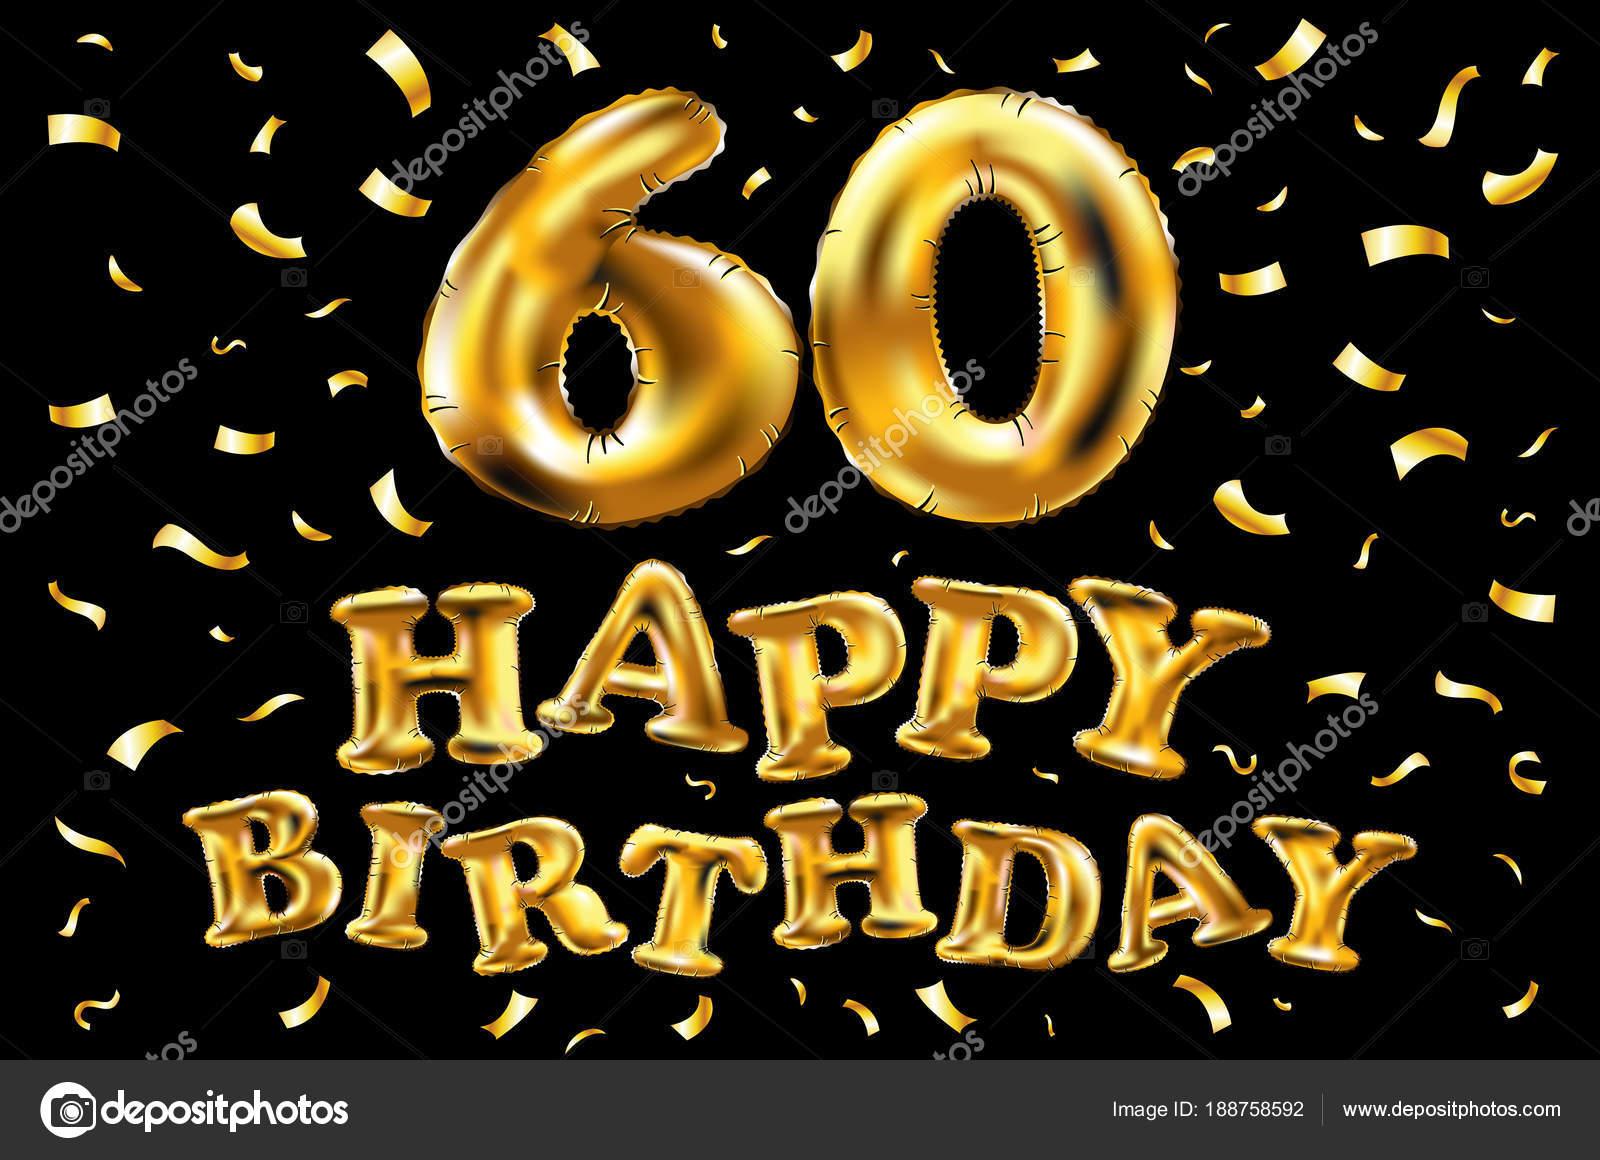 Geburtstag 60 jahre bilder